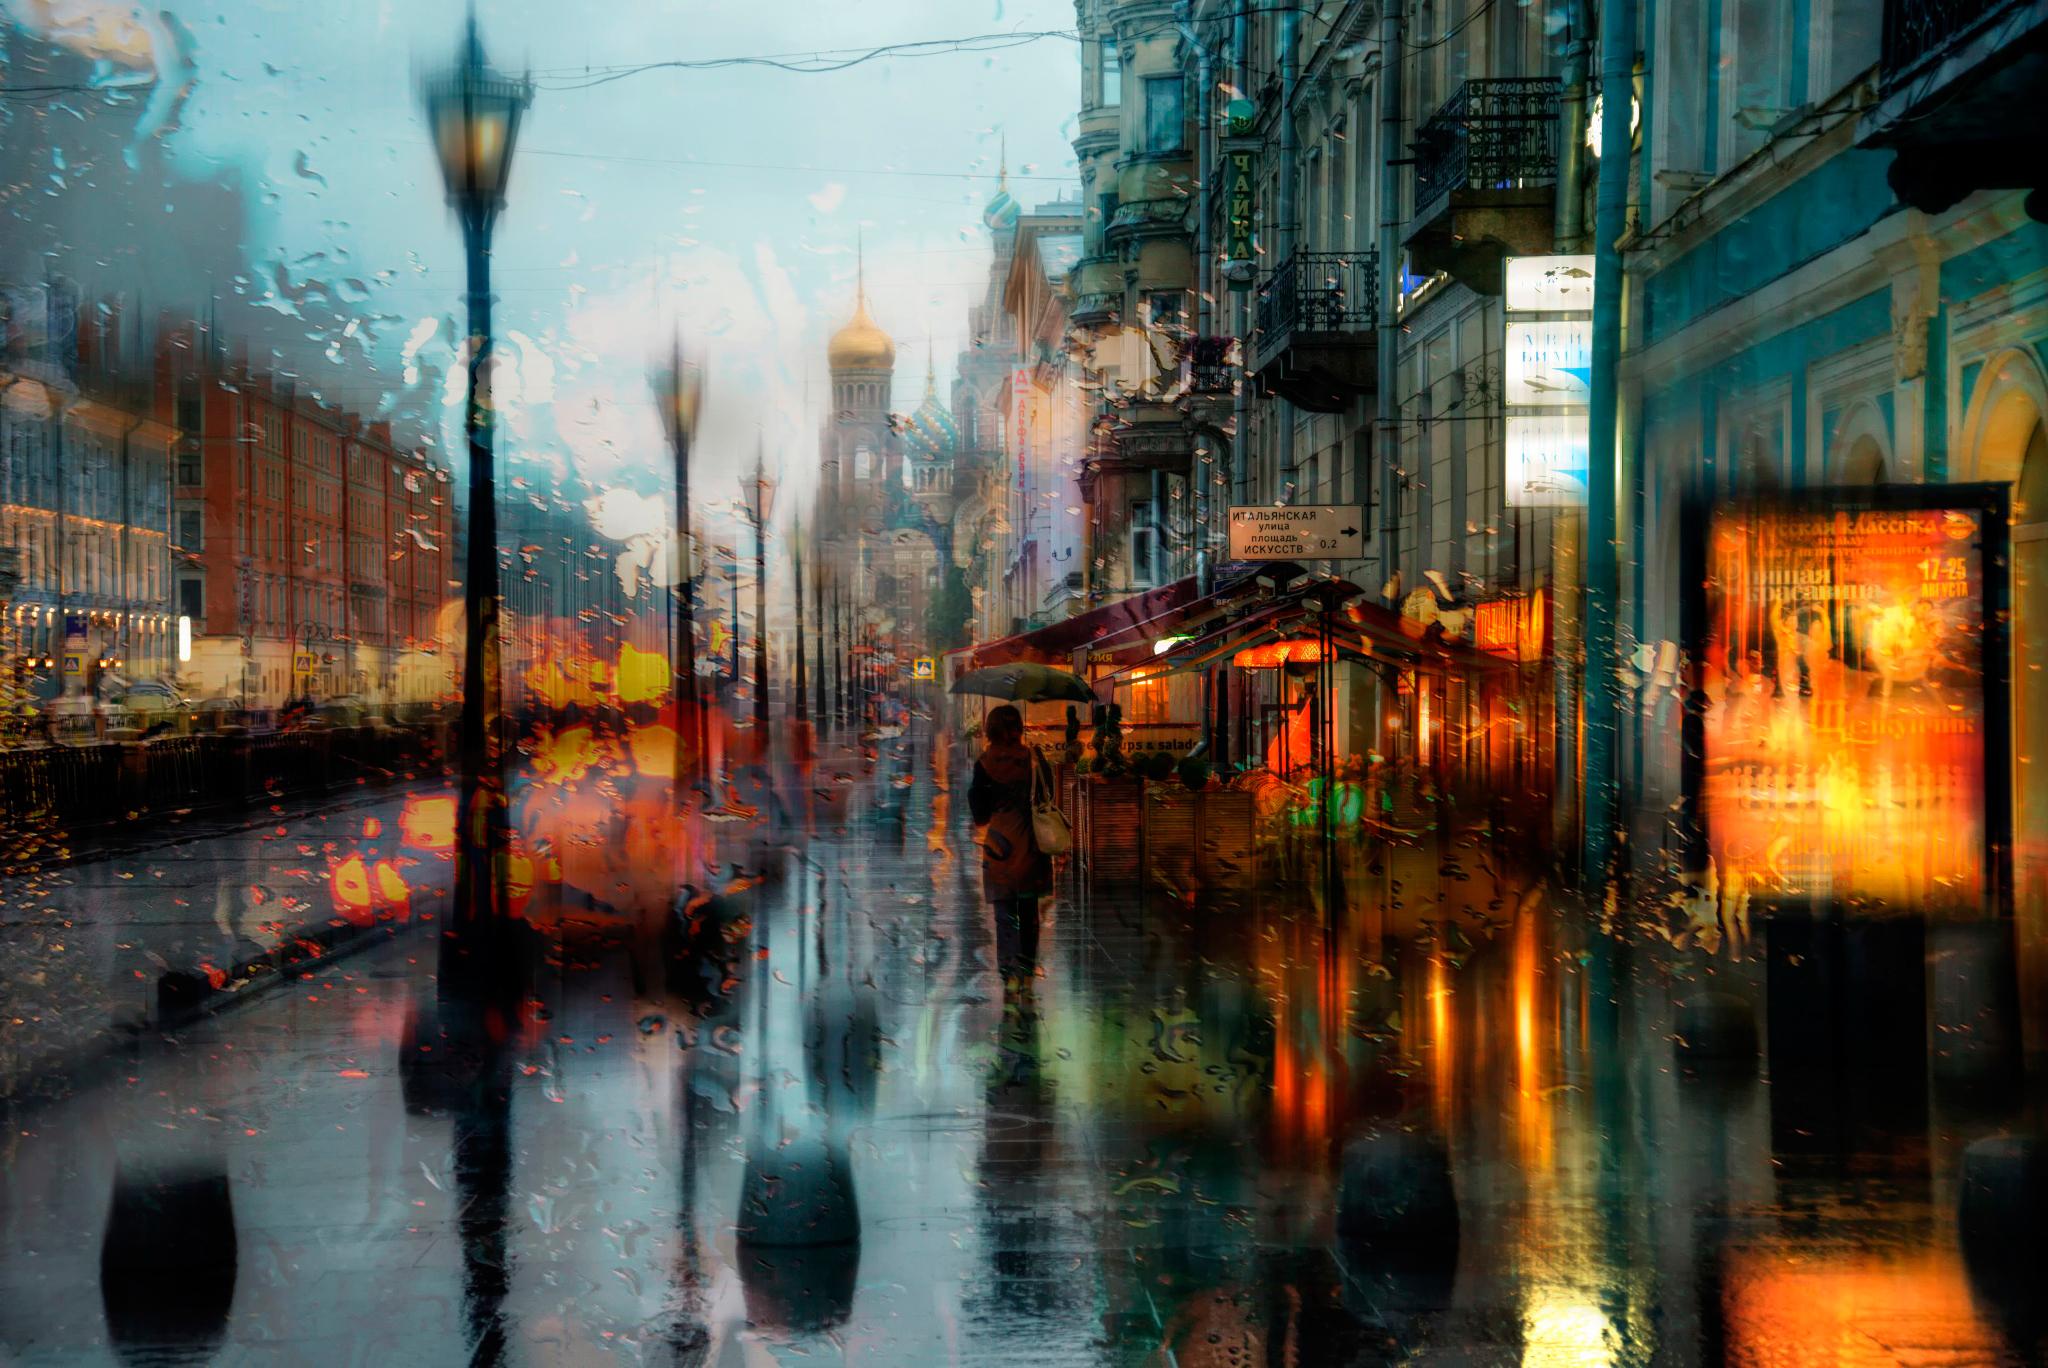 главное, картинки на телефон дождь в городе остывшего очага бралась